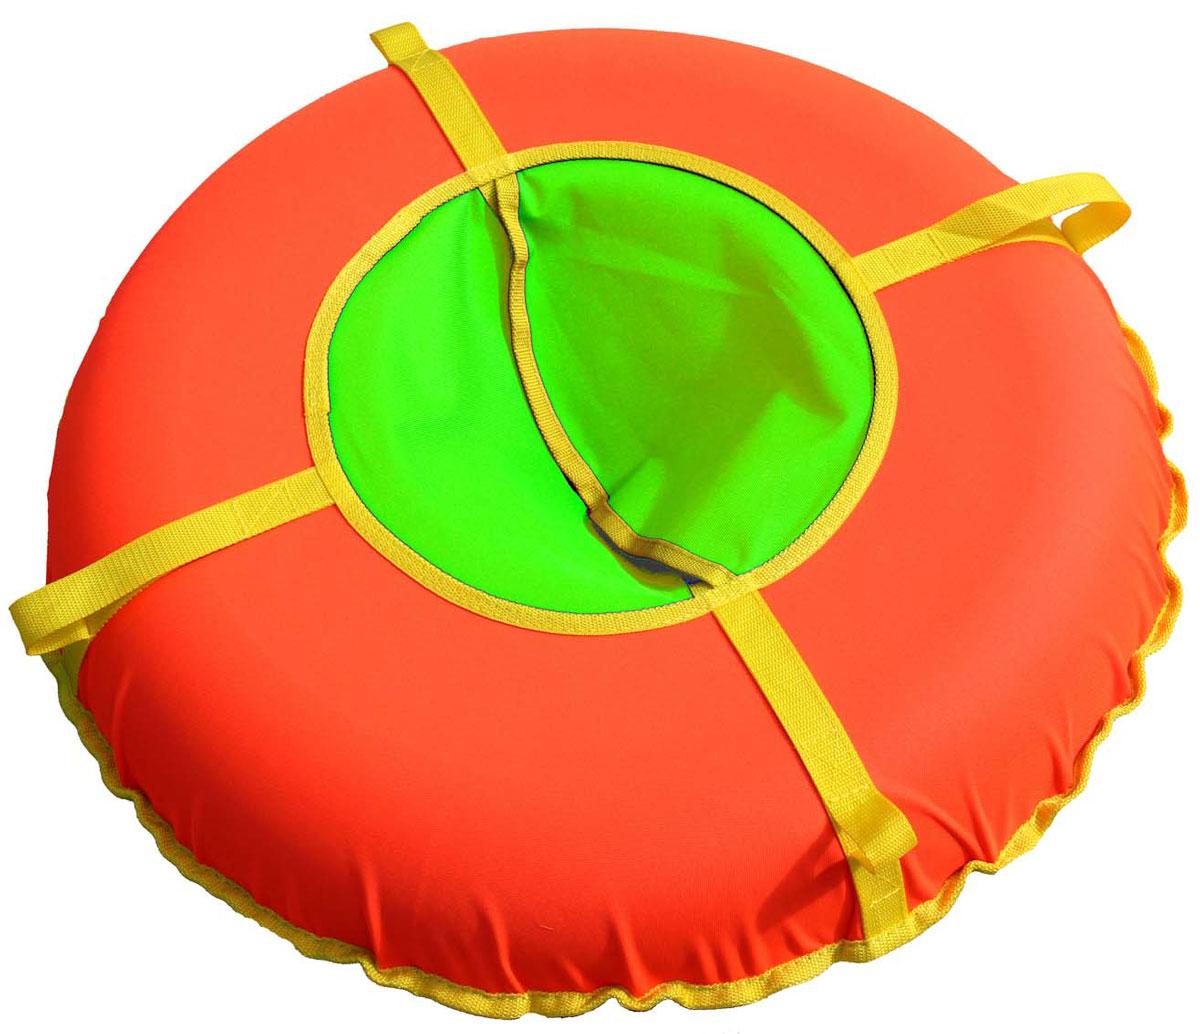 Тюбинг Super Jet Tubing Ultra, цвет: оранжевый, салатовый, диаметр 75 см сани надувные super jet tubing princess диаметр в надутом состоянии 62 см рисунок принцессы арт sjt 62r